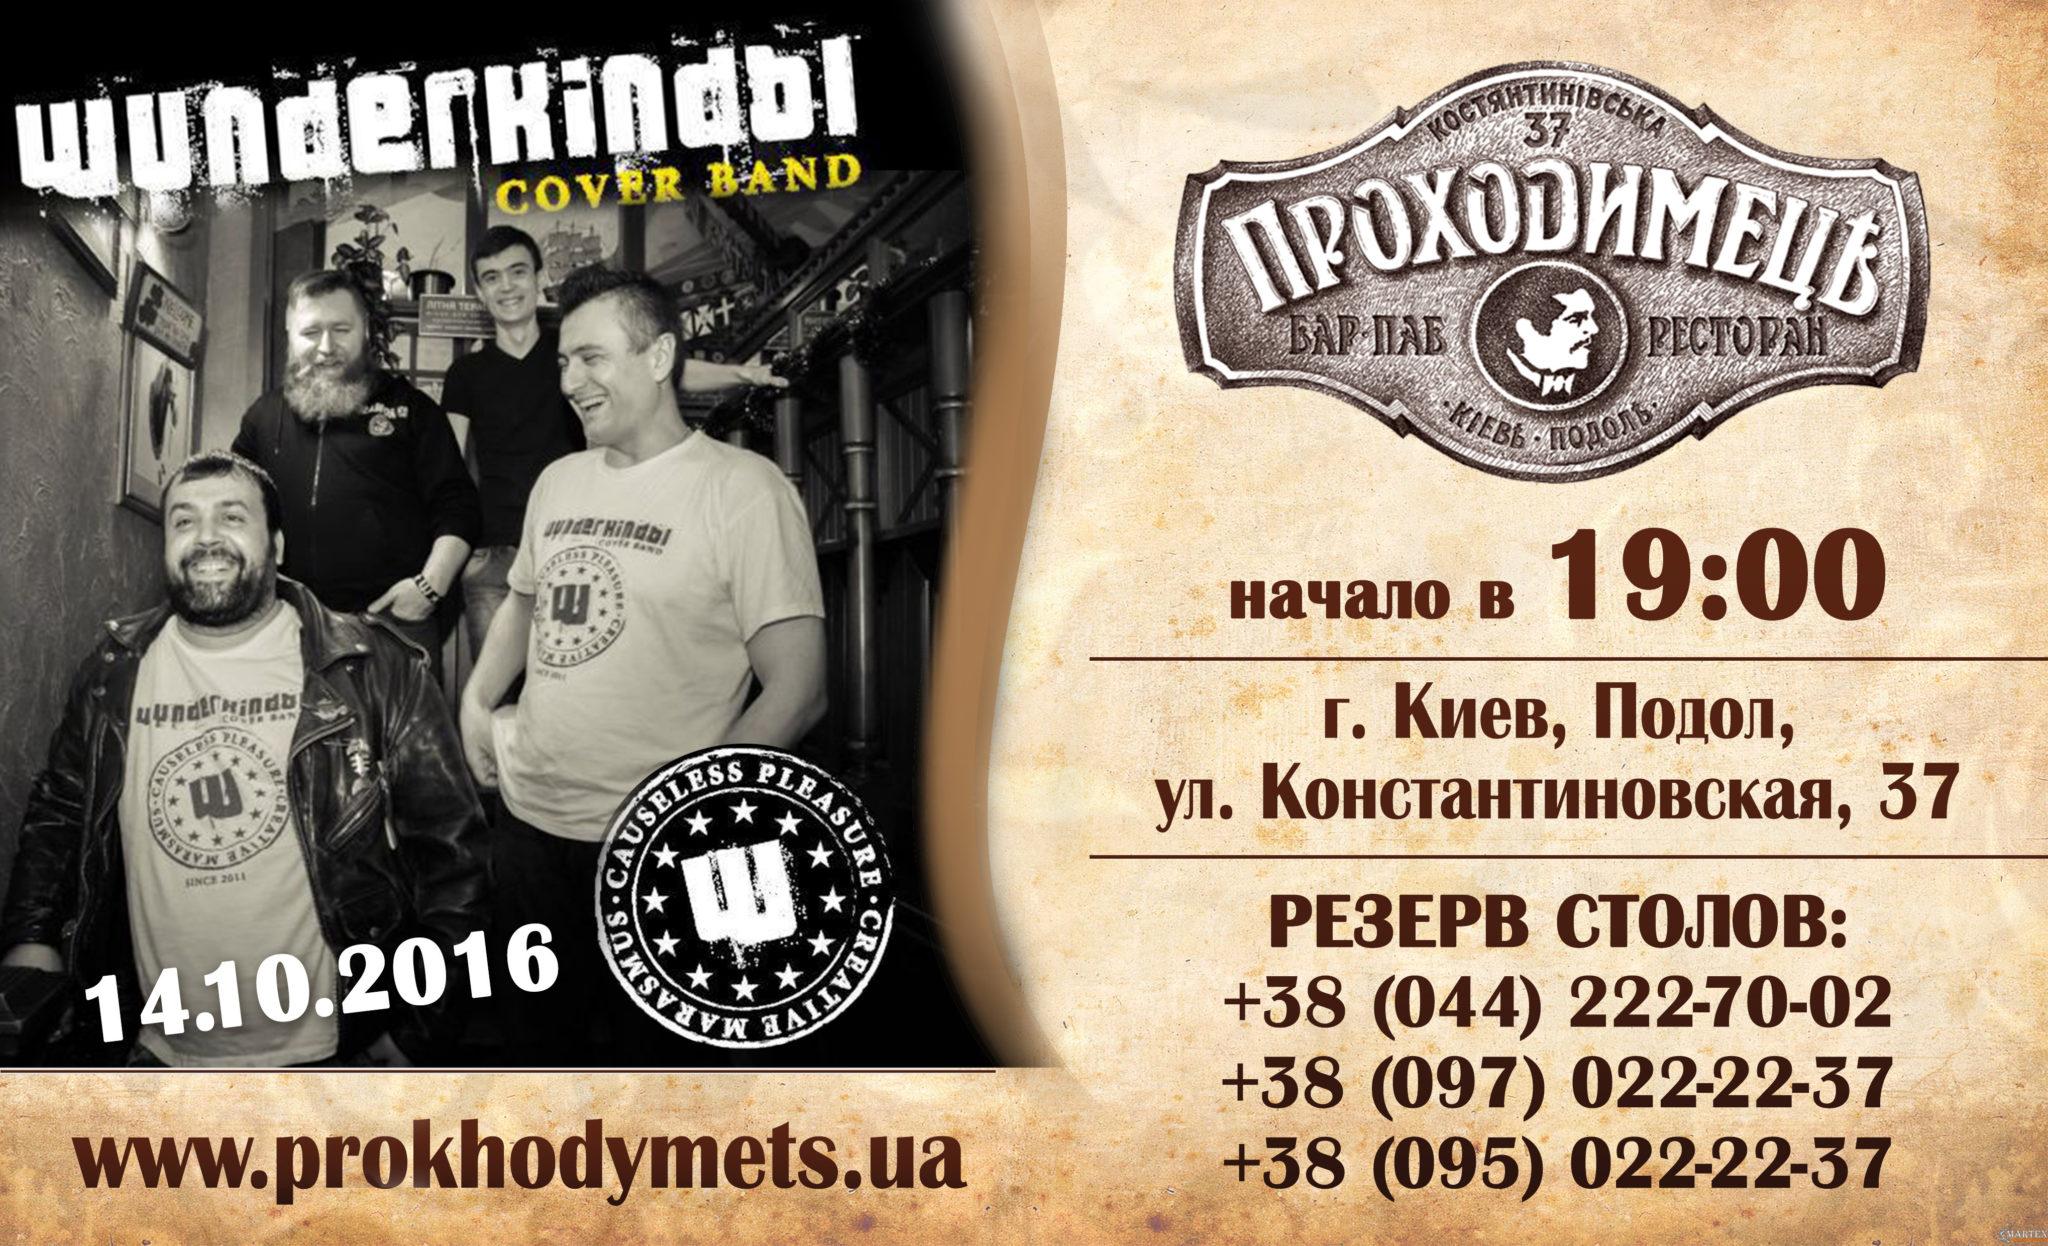 Приглашение - Ресторан - ПроходимецЪ - группа WUNDERKIND